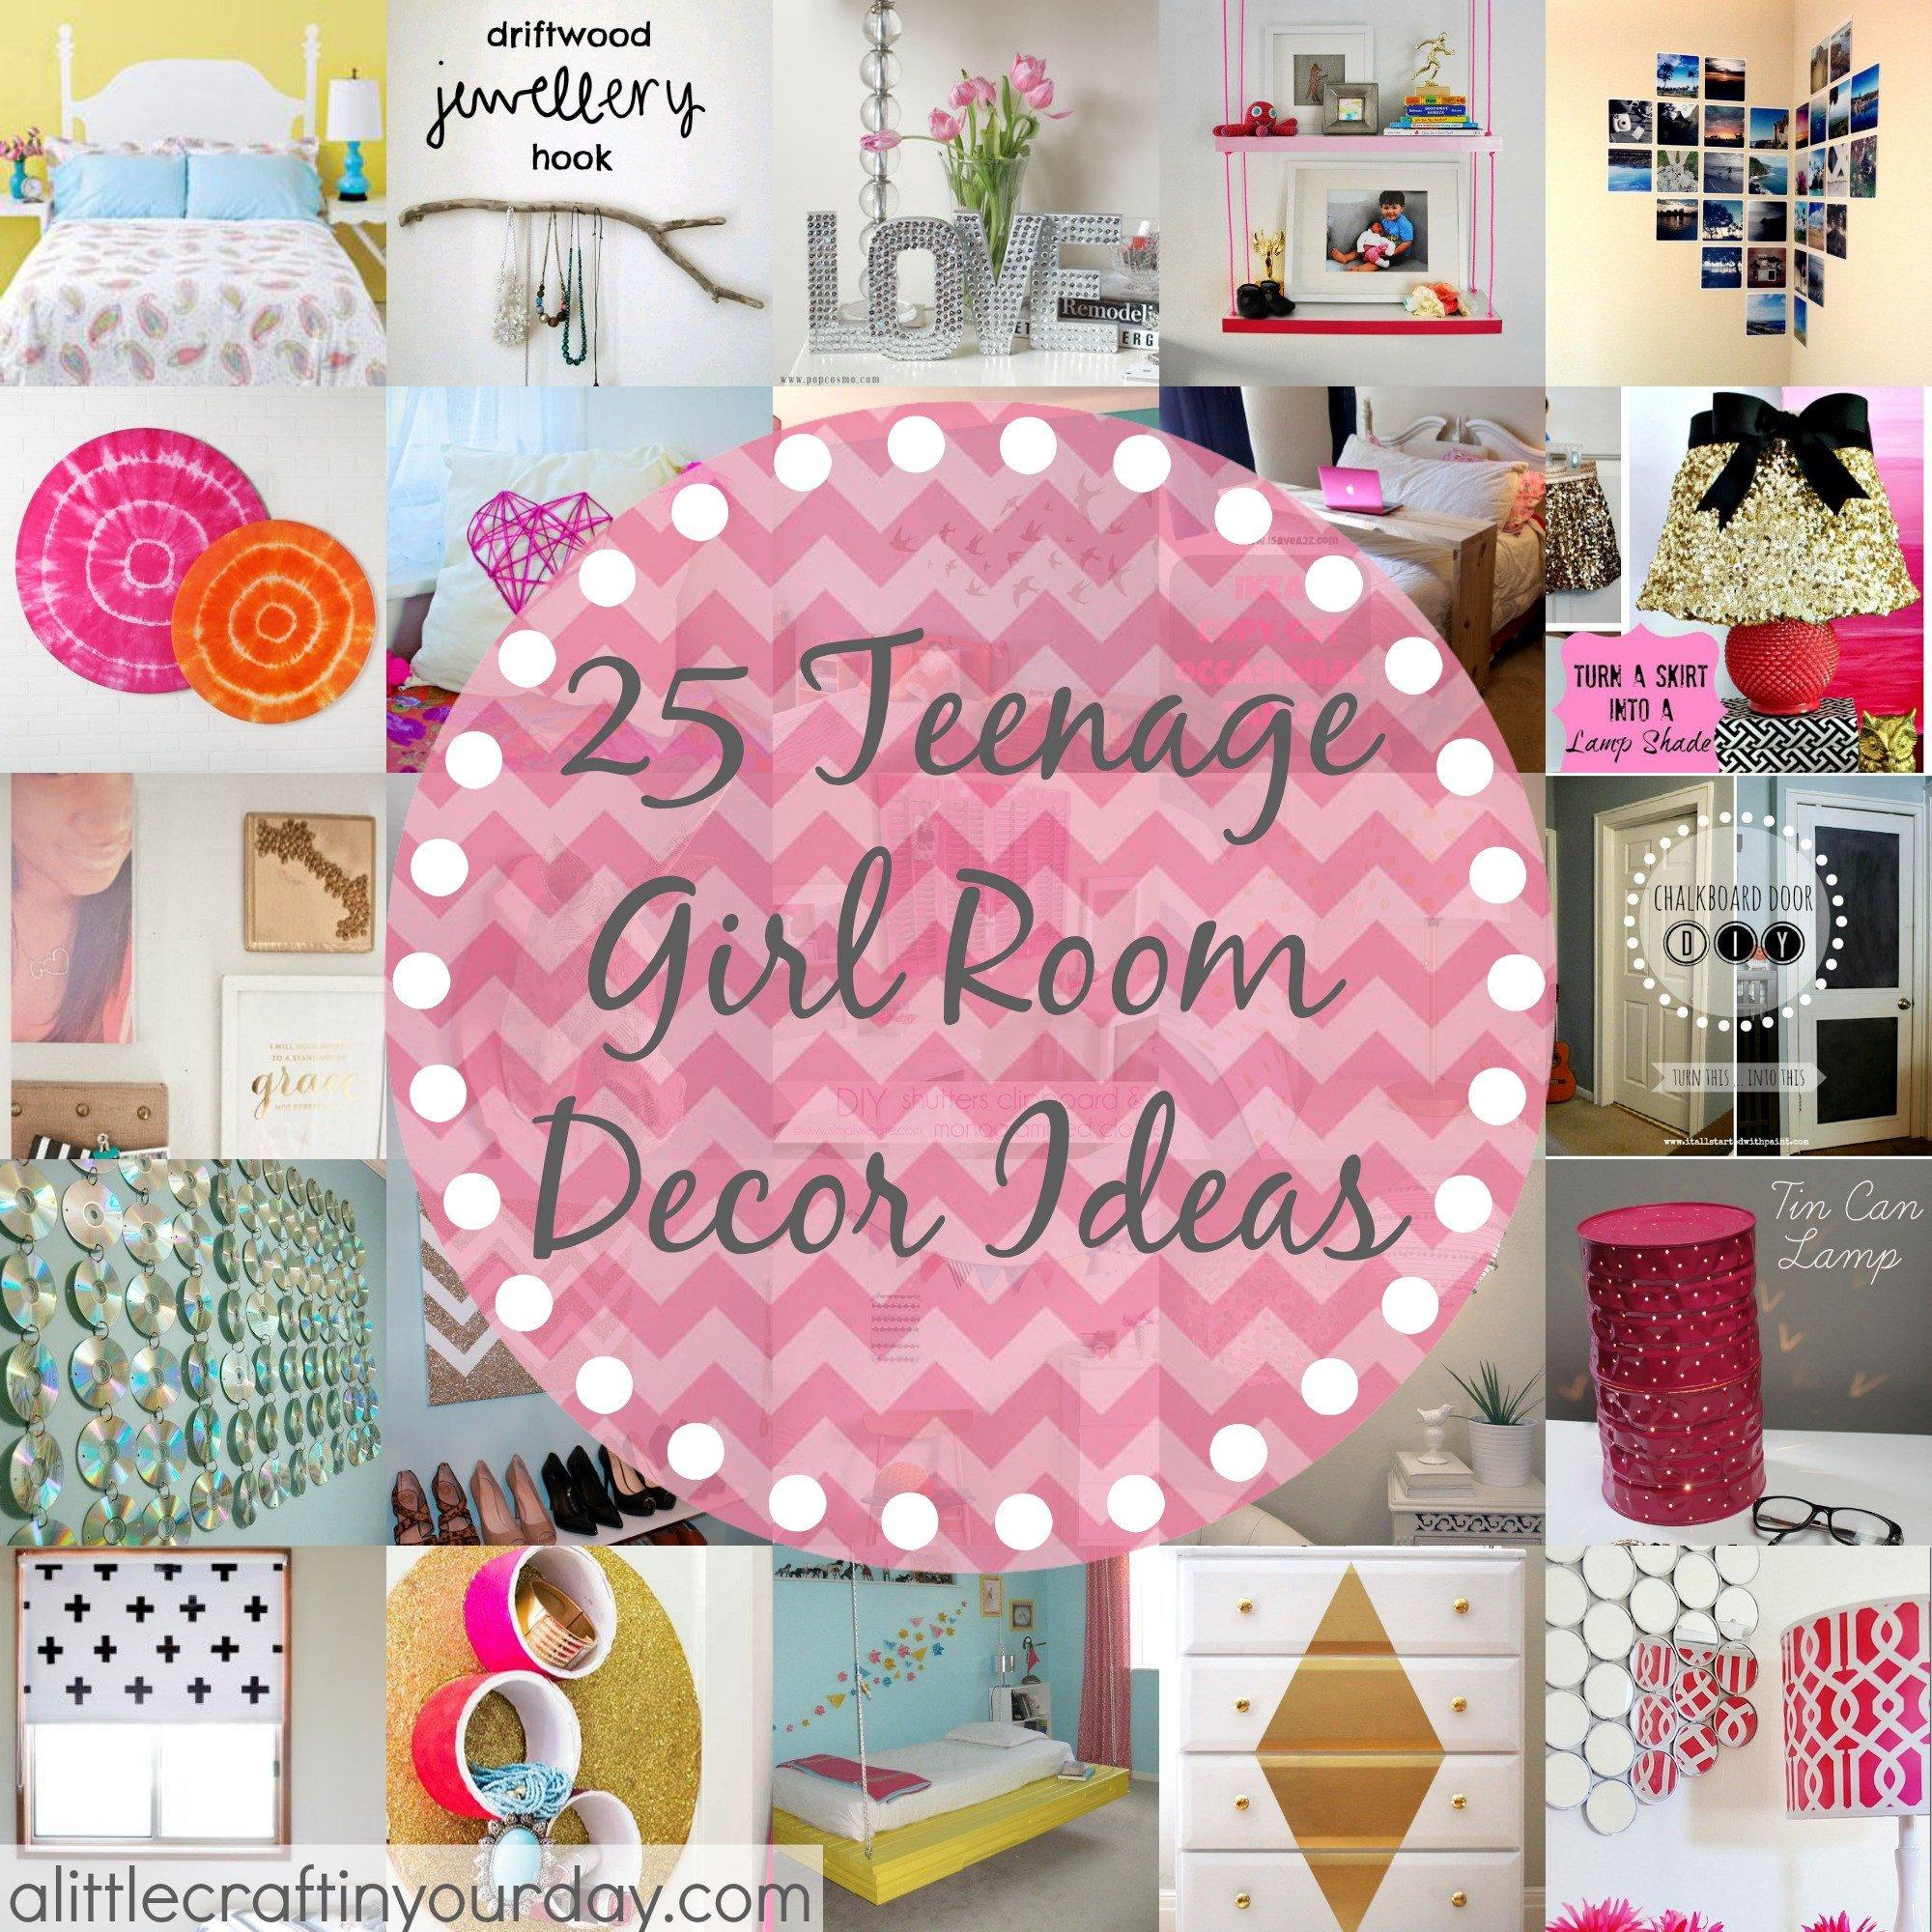 Teenage Girl Room Decor Ideas Elegant 25 More Teenage Girl Room Decor Ideas A Little Craft In Your Daya Little Craft In Your Day